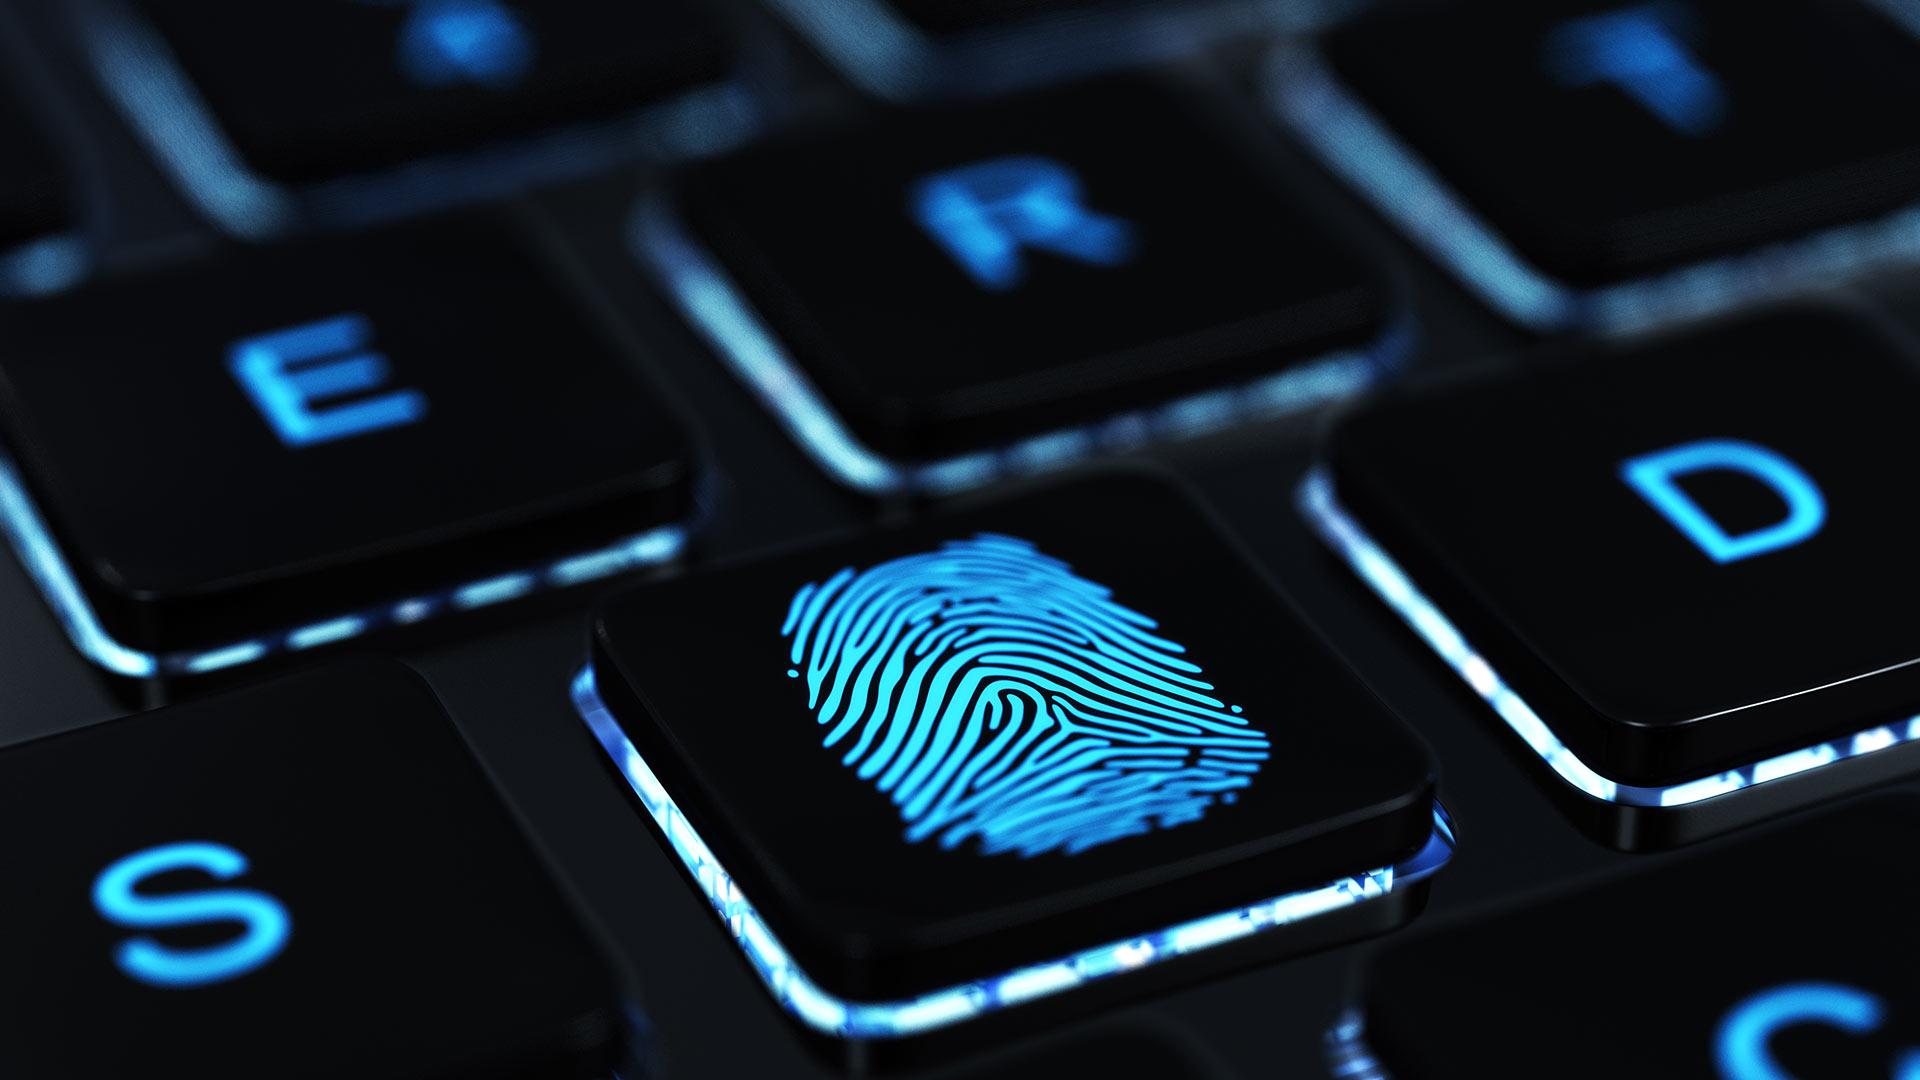 Servizio di protezione dell'identità digitale : cosa aspetti a tutelarti ?